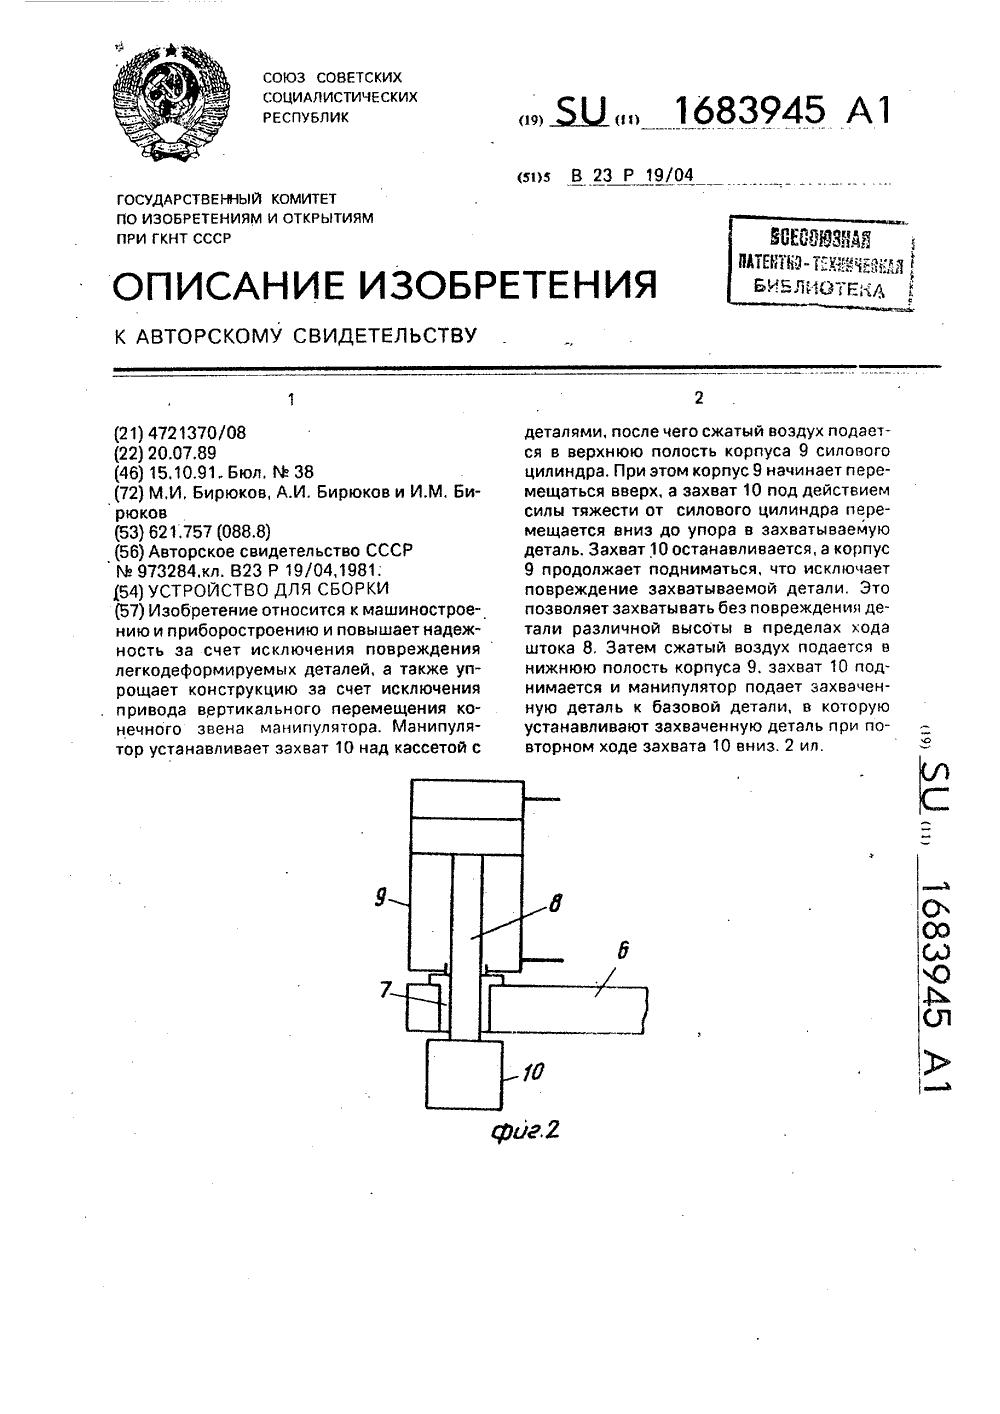 Транзисторный ключ с индуктивной нагрузкой. Кликните для увеличения.